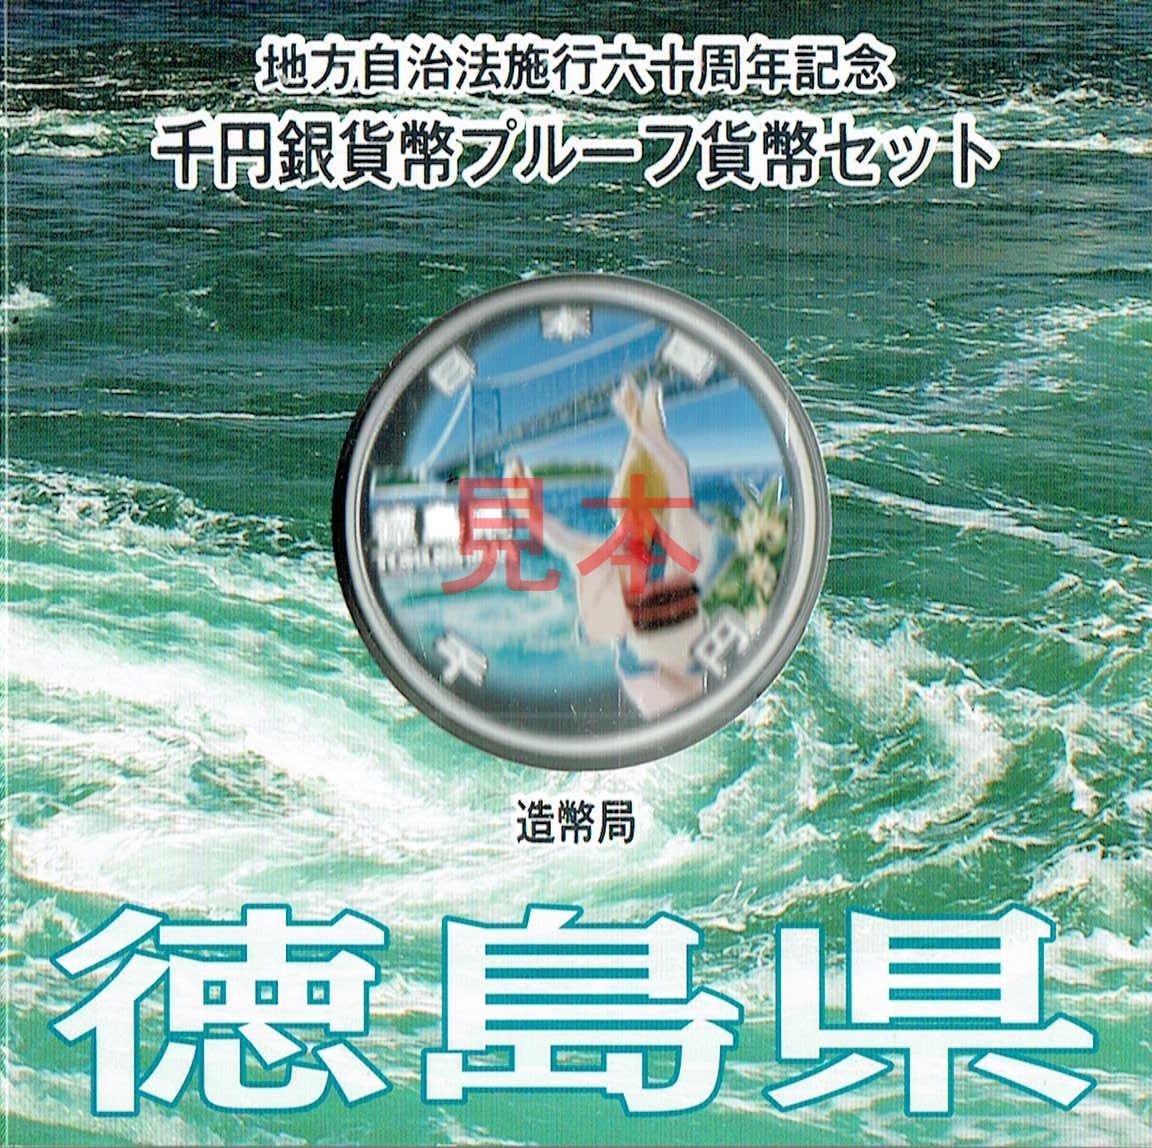 商品名「地方自治法施行60周年記念千円銀貨幣プルーフ Aセット 徳島県」